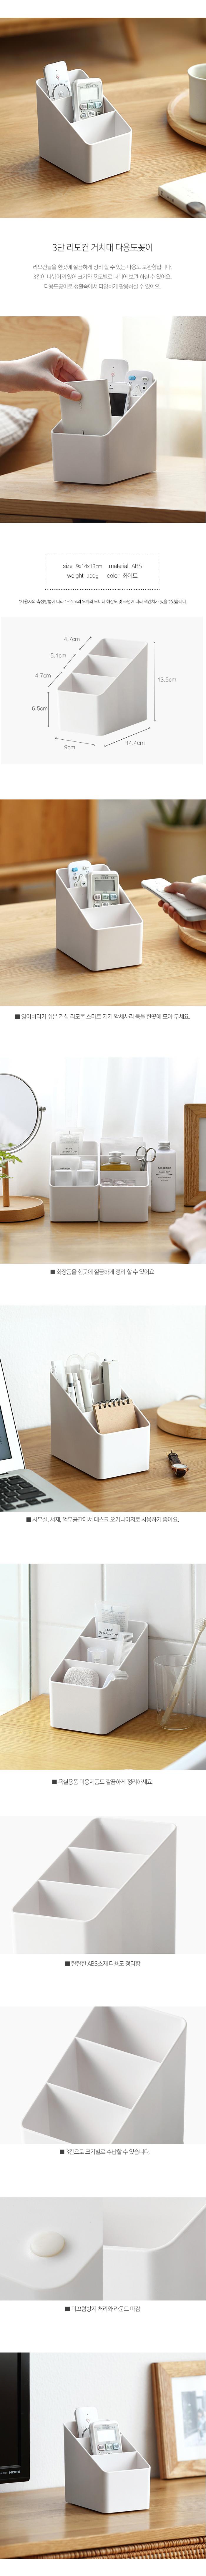 3단 리모컨 거치대 다용도꽂이 - 이비자, 14,000원, 정리함, 화장품정리함